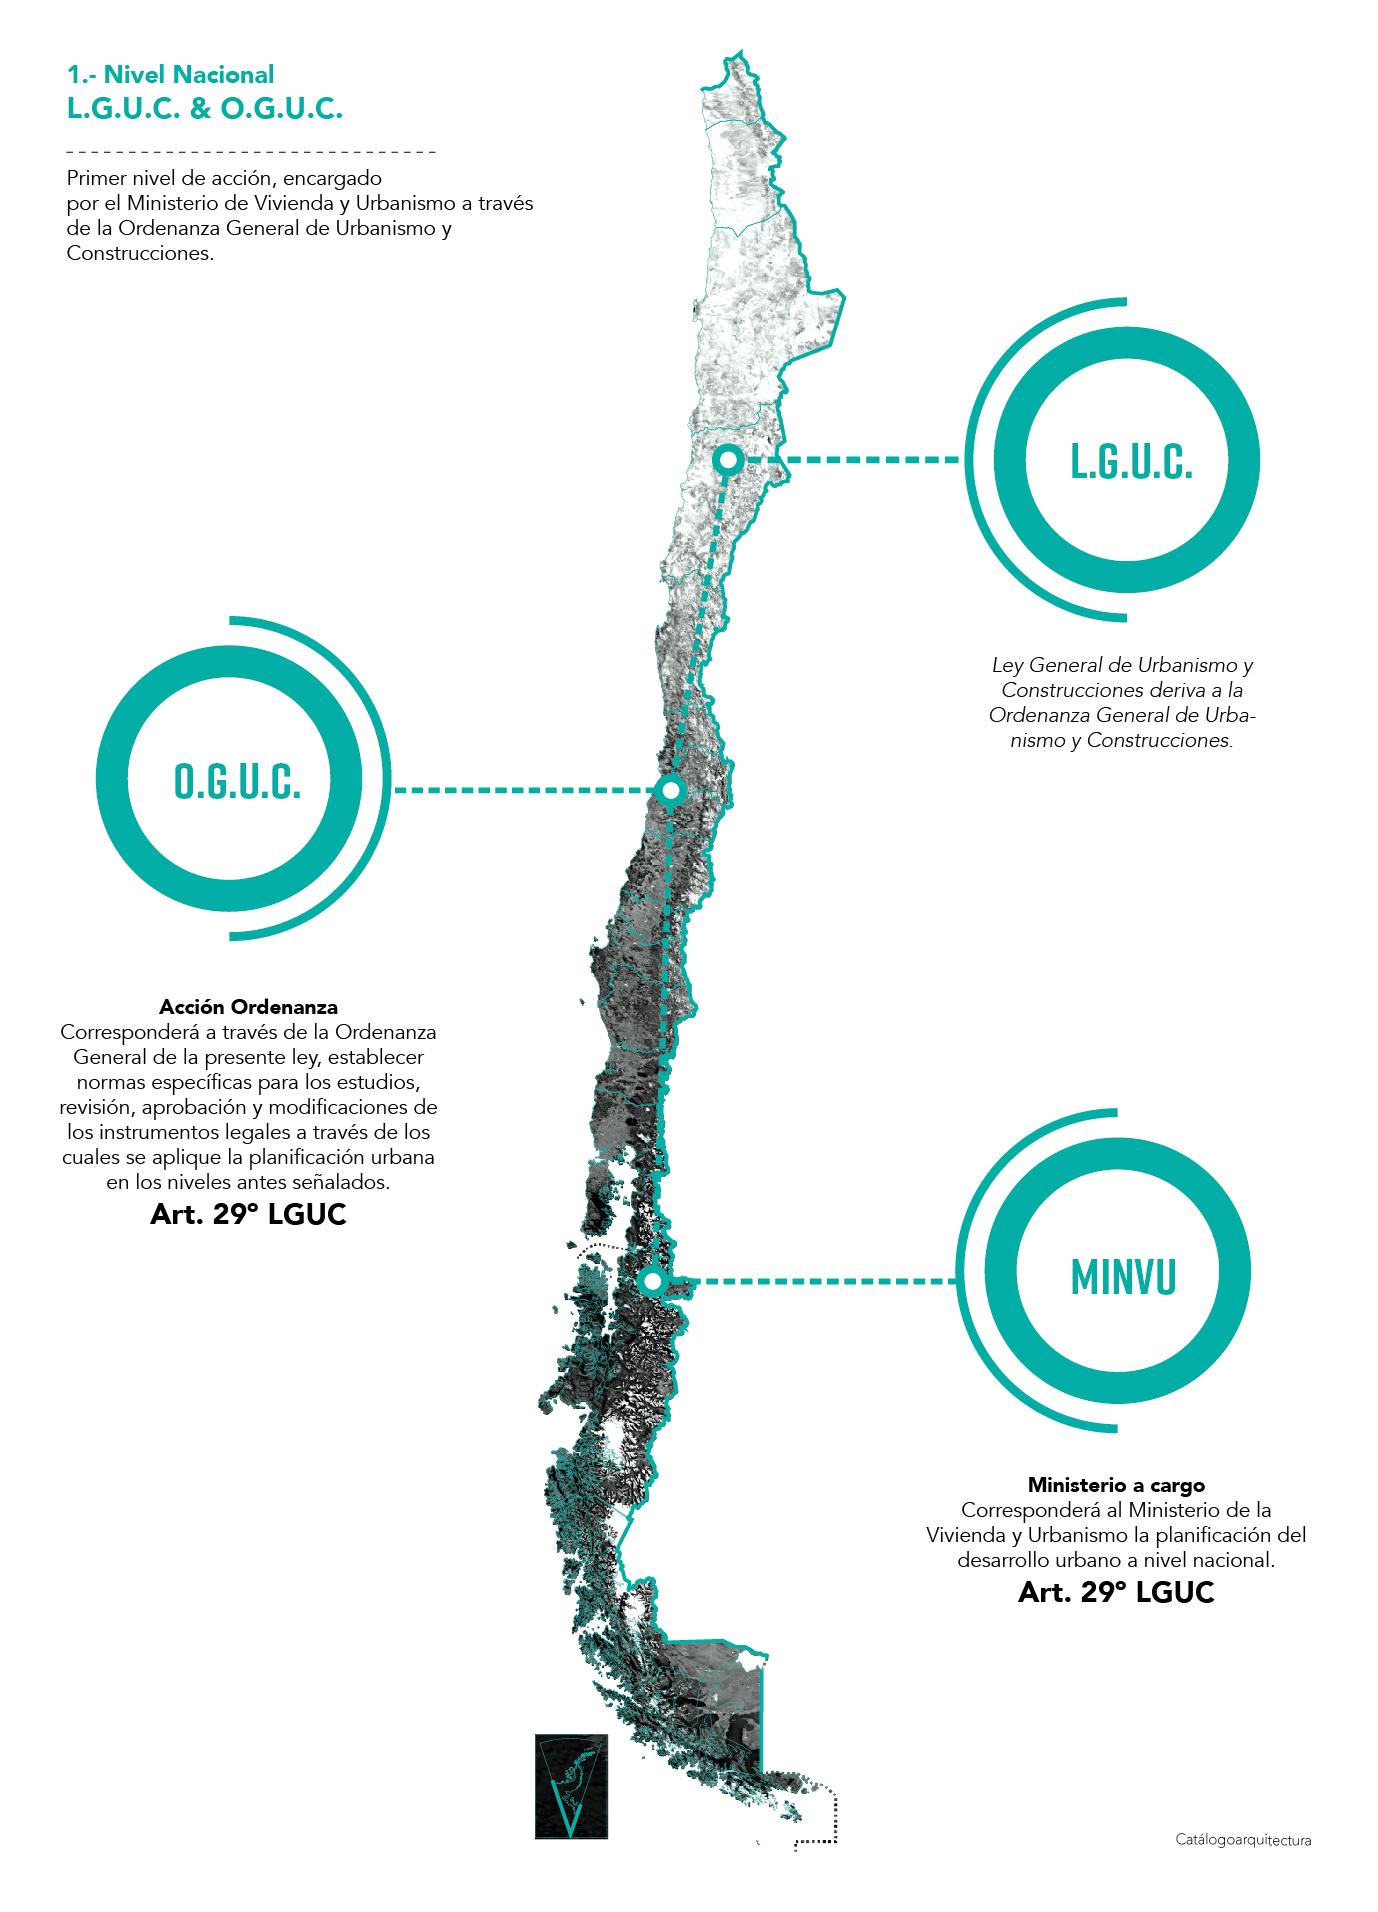 Planificación Urbana a nivel nacional, LGUC Chile.